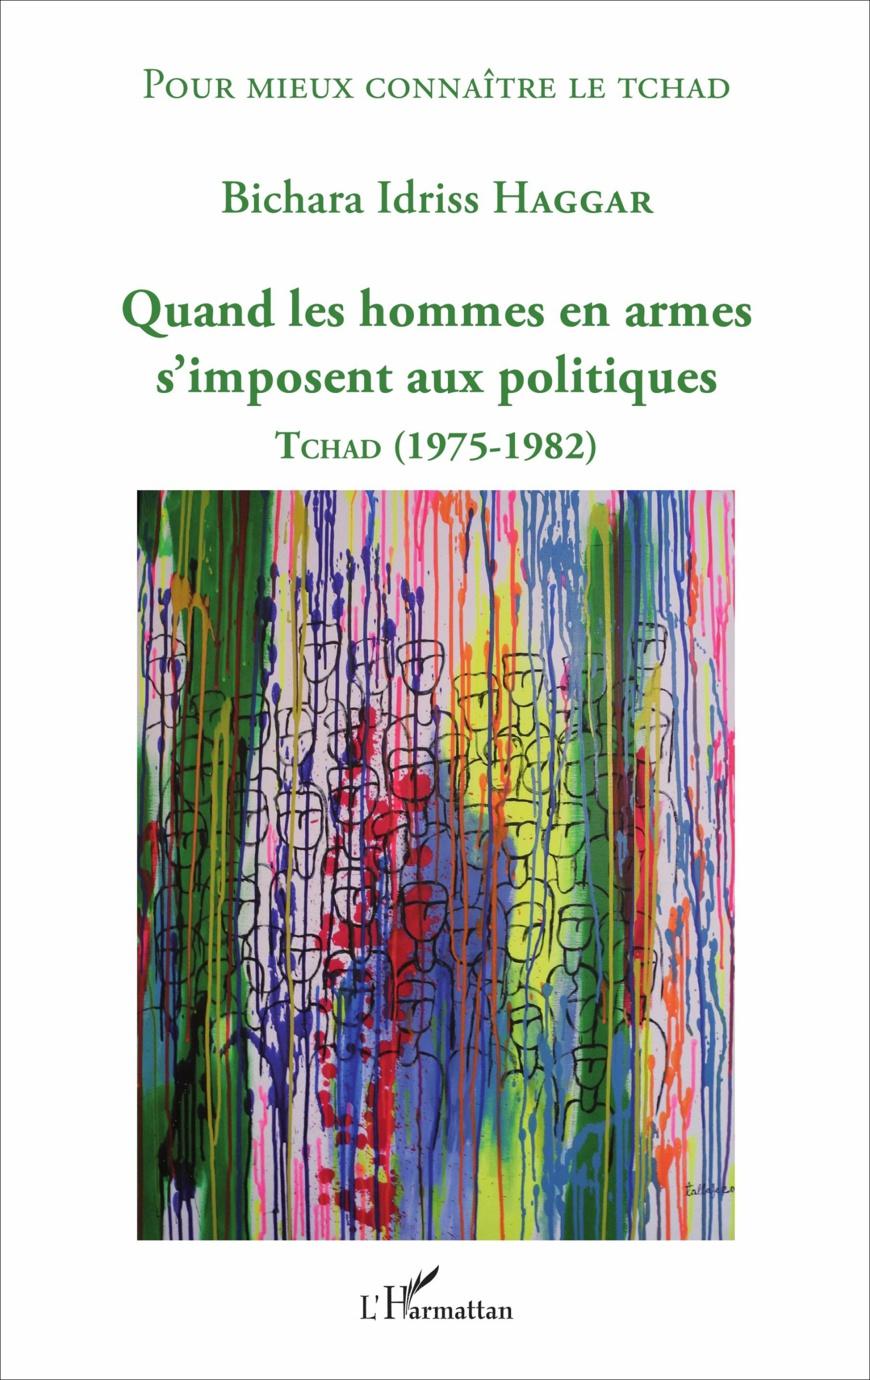 Parution du 4ème livre du Dr Bichara Haggar, « Quand les hommes en armes s'imposent aux politiques »